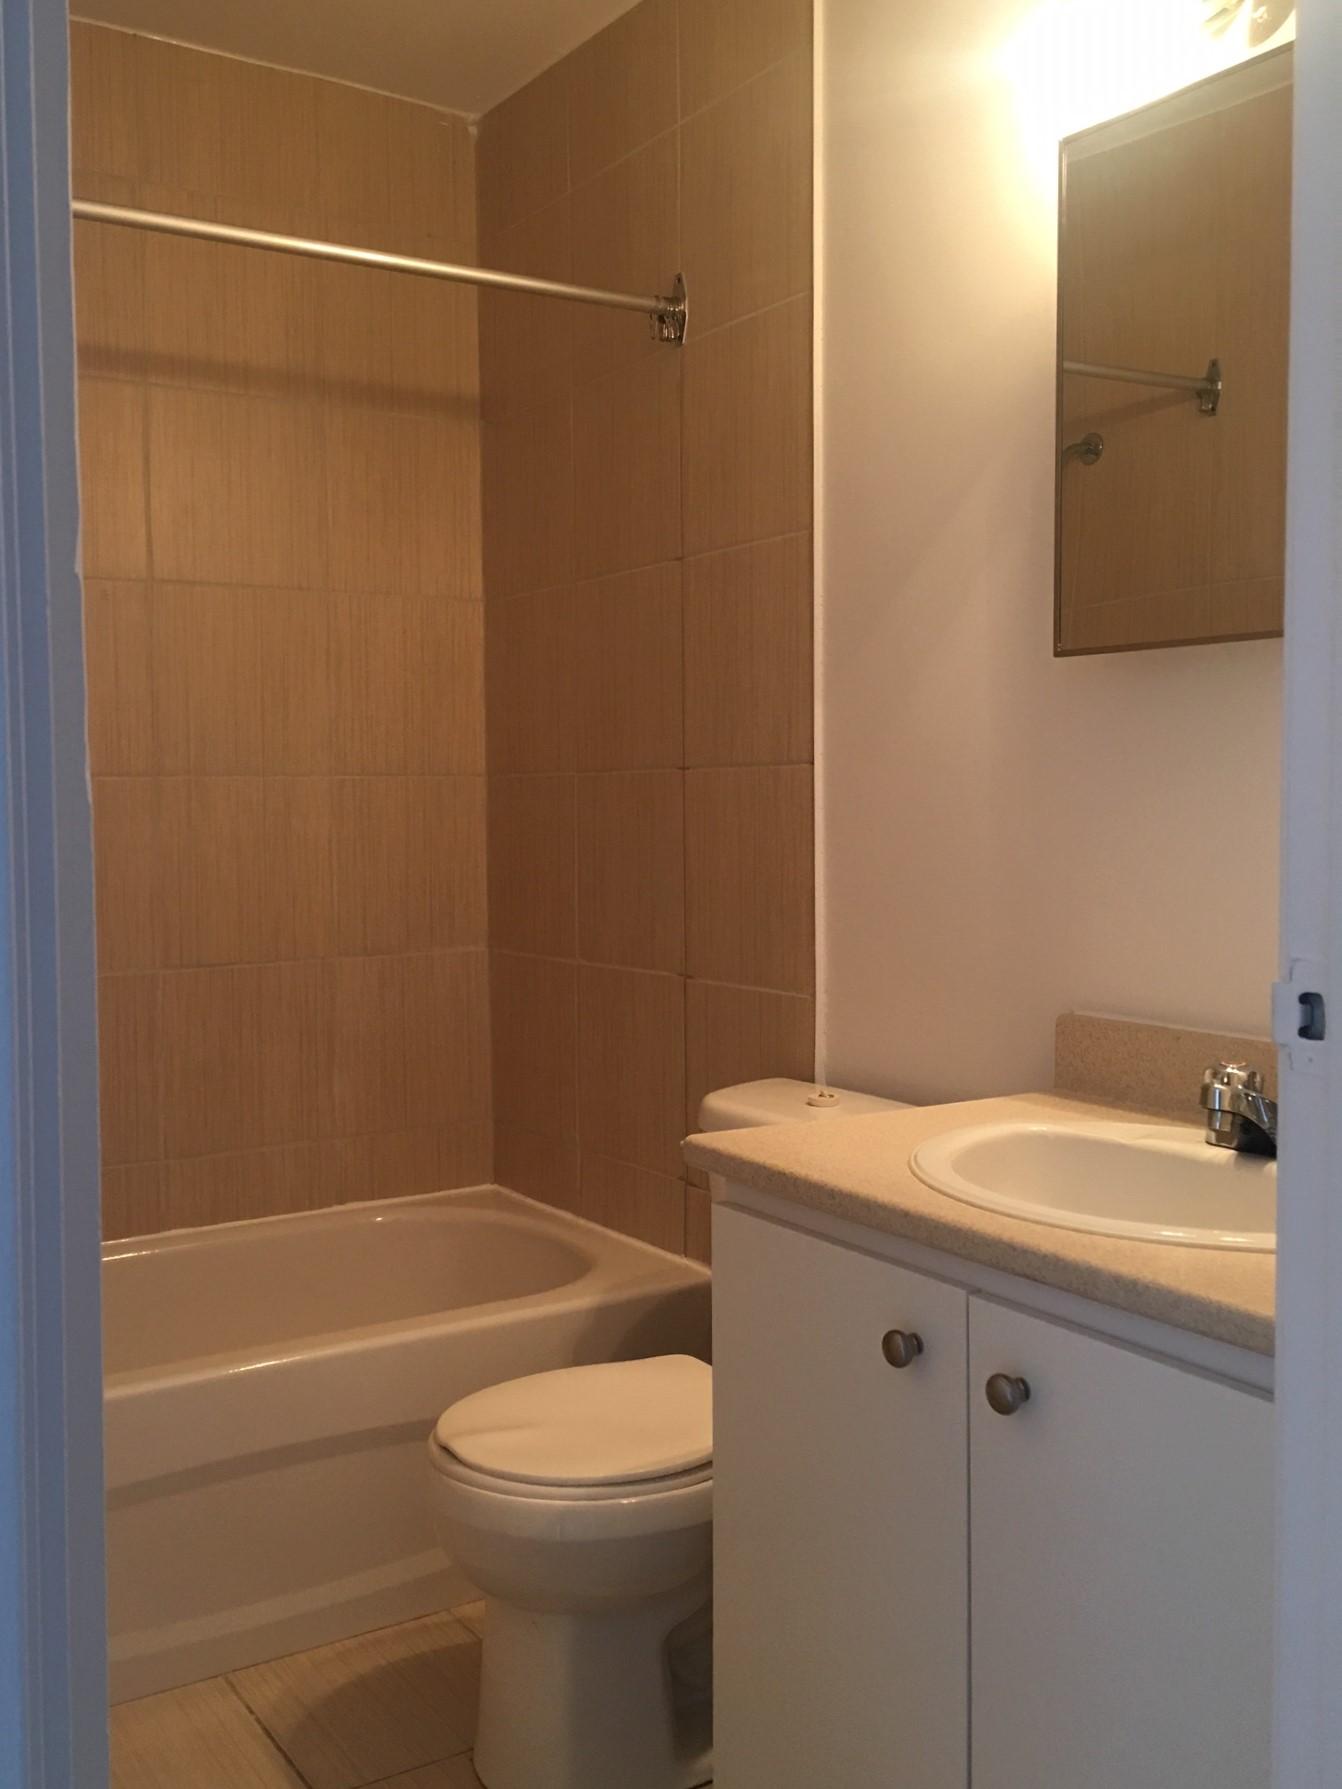 Studio / Bachelor Apartments for rent in Pointe-aux-Trembles at Habitations de la Rousseliere - Photo 05 - RentersPages – L1920